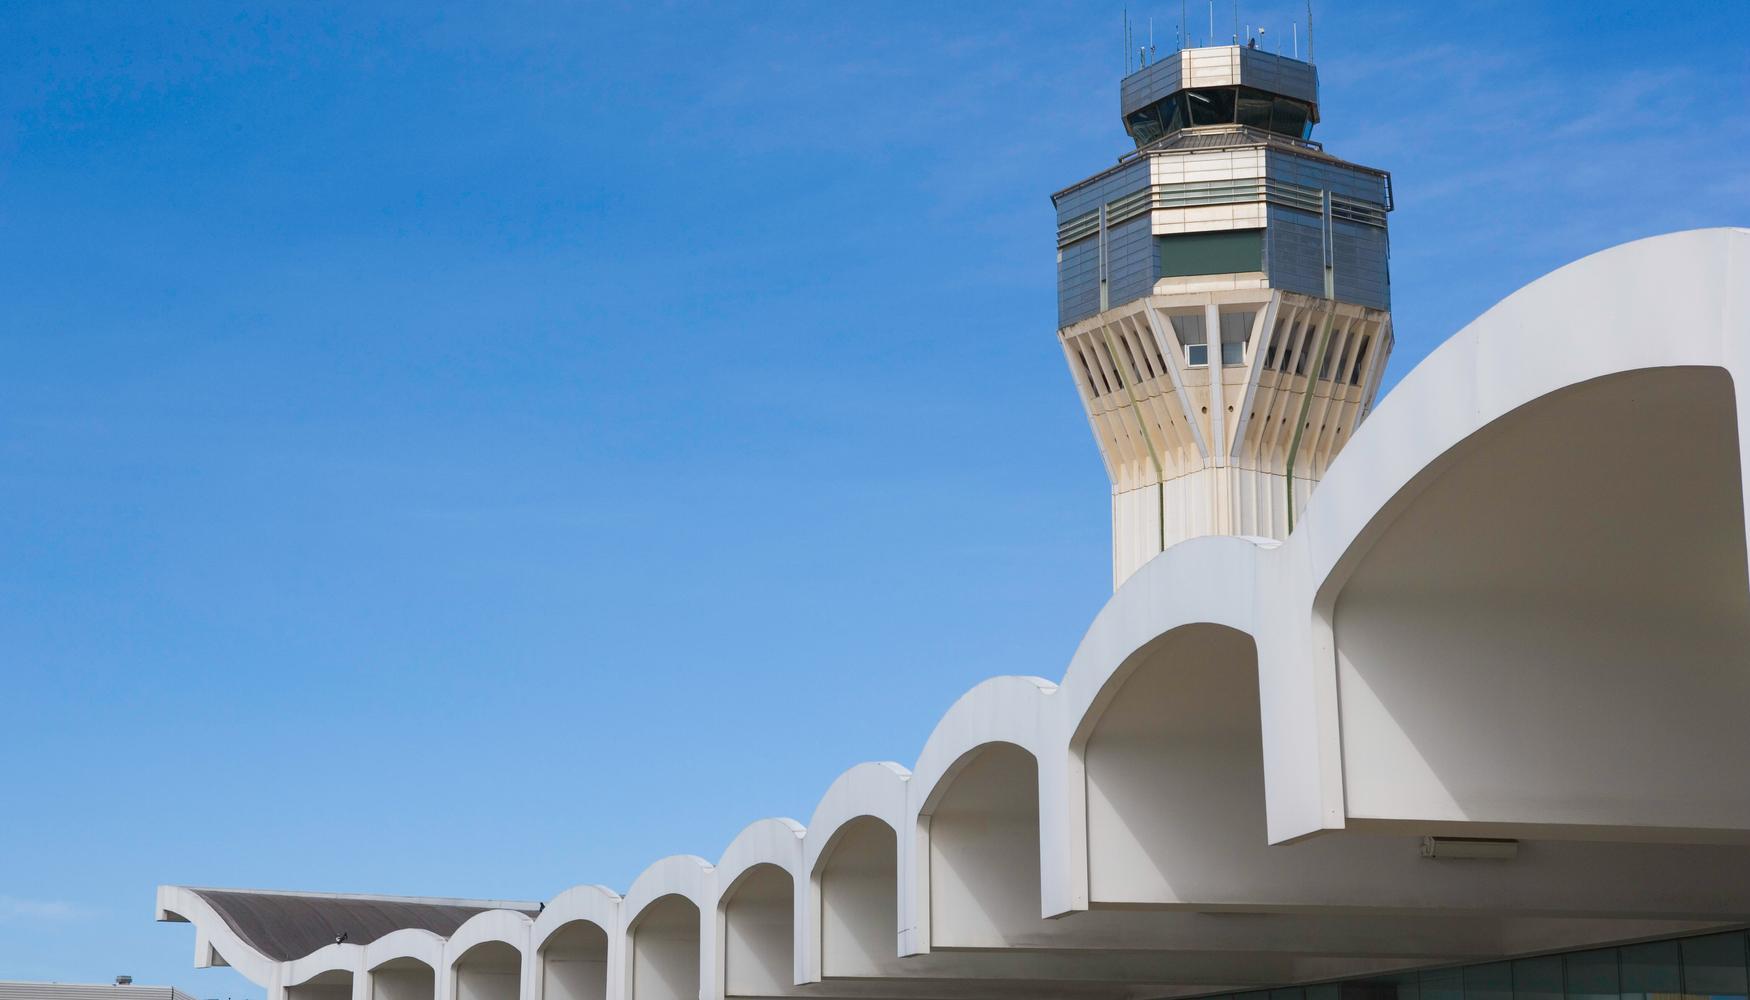 השכרת רכב בנמל התעופה נמל התעופה הבינלאומי לואיס מוניוז מארין